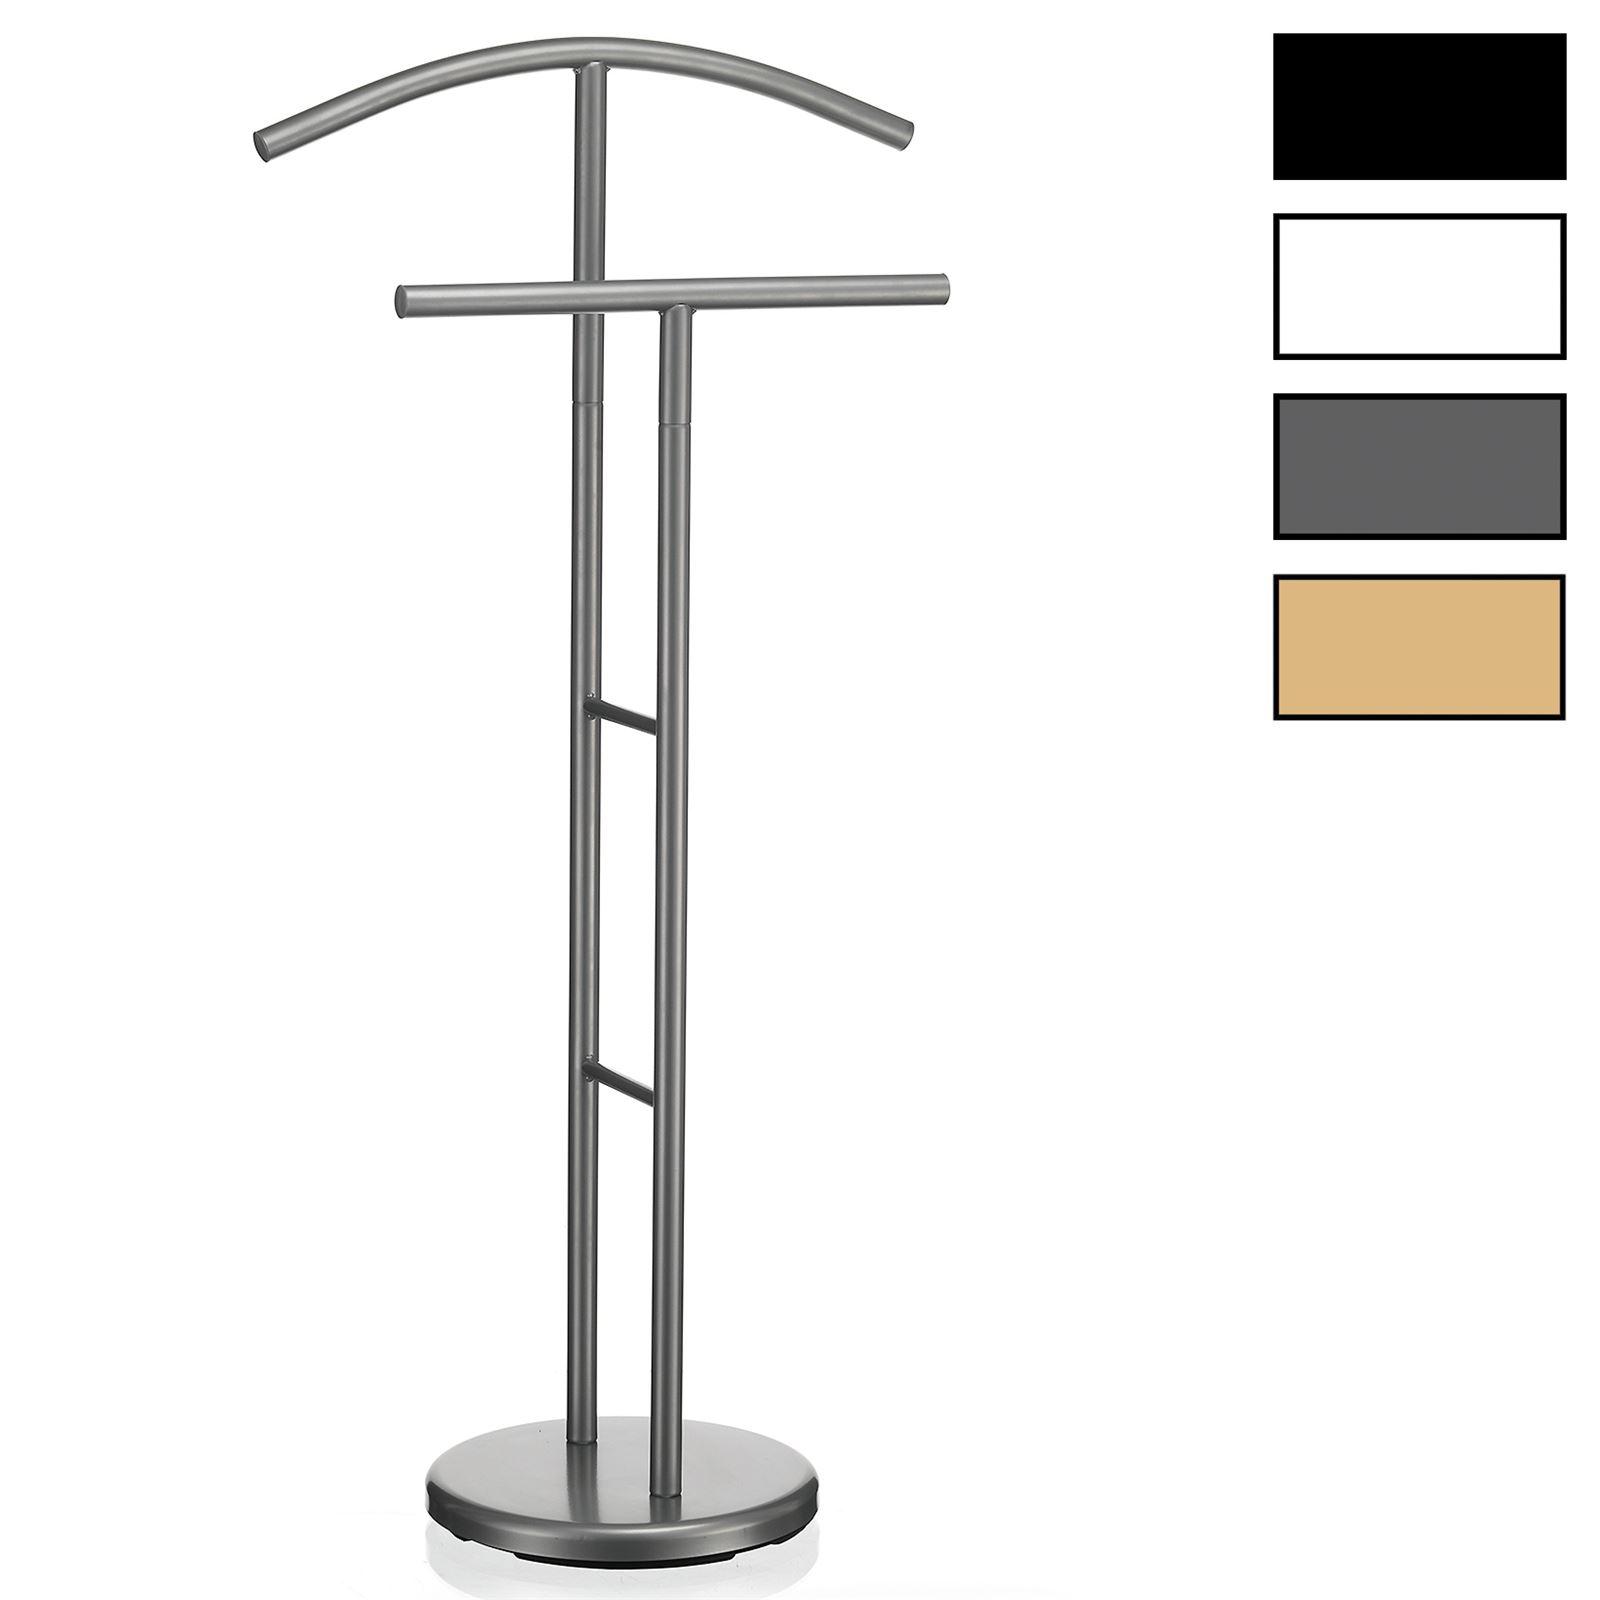 herrendiener laurenz mit hosenb gel mobilia24. Black Bedroom Furniture Sets. Home Design Ideas